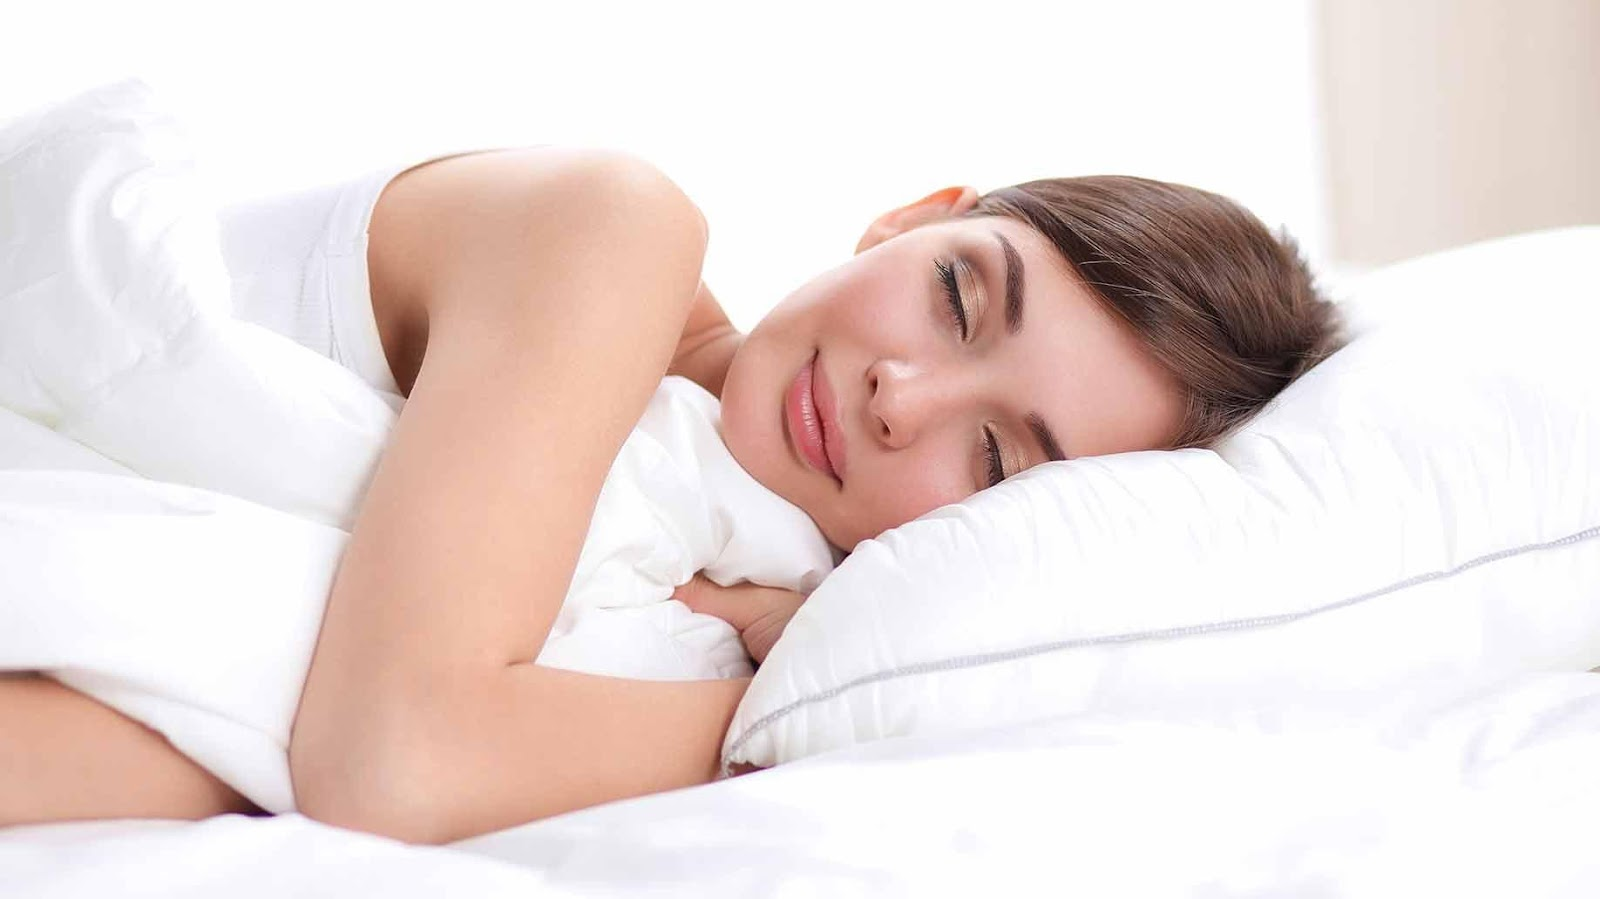 6 Basics That Positively Impact How You Sleep